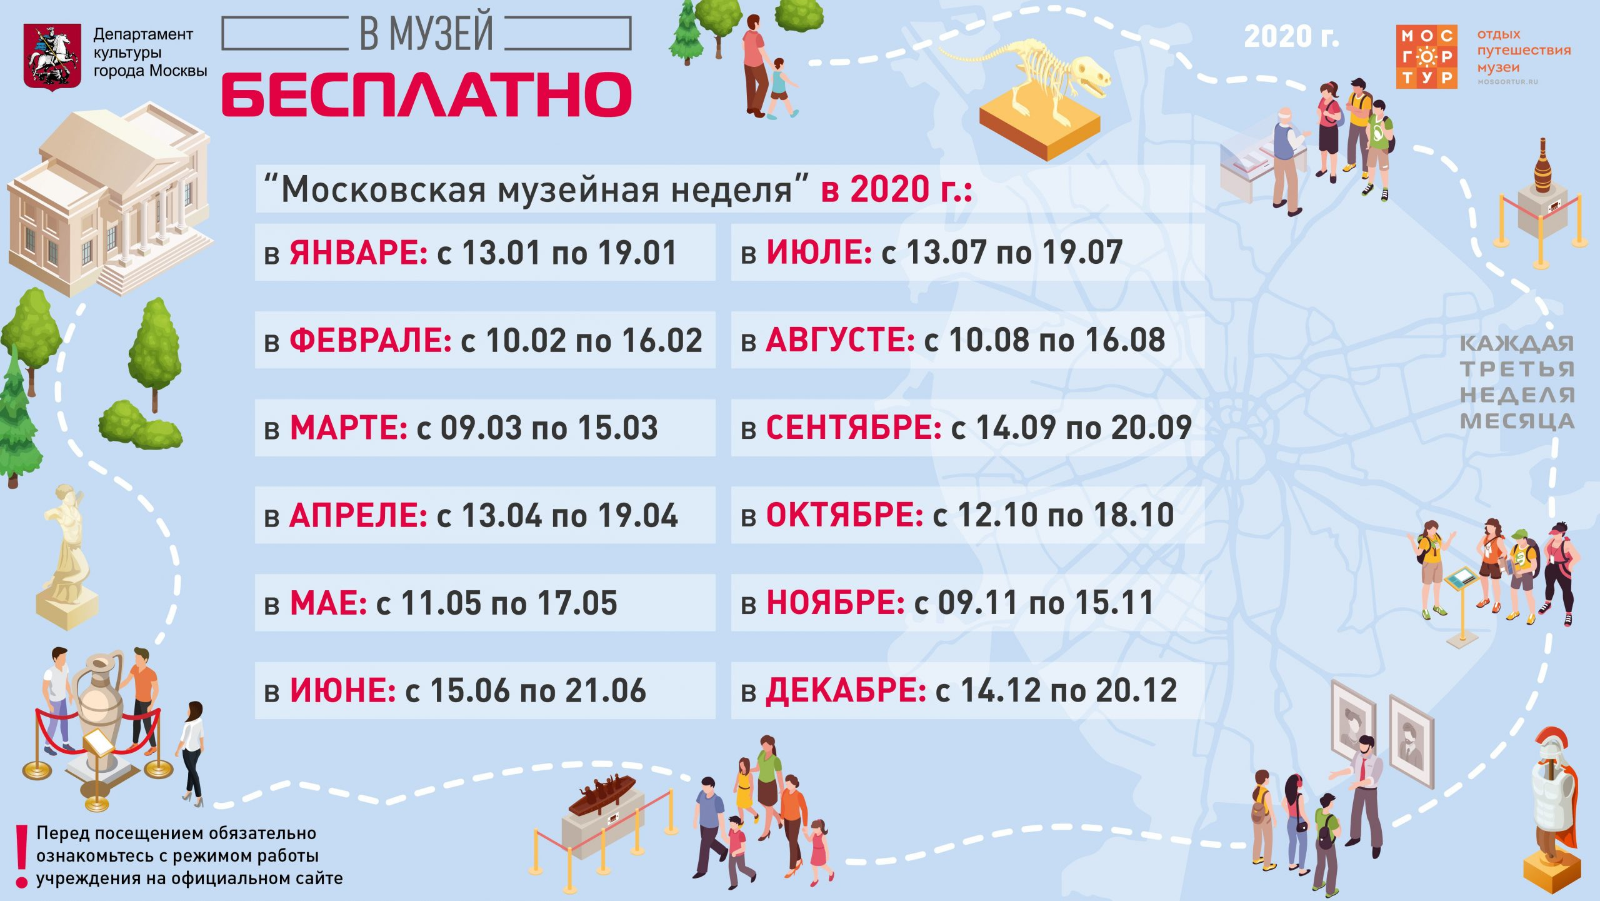 Московская музейная неделя-2020